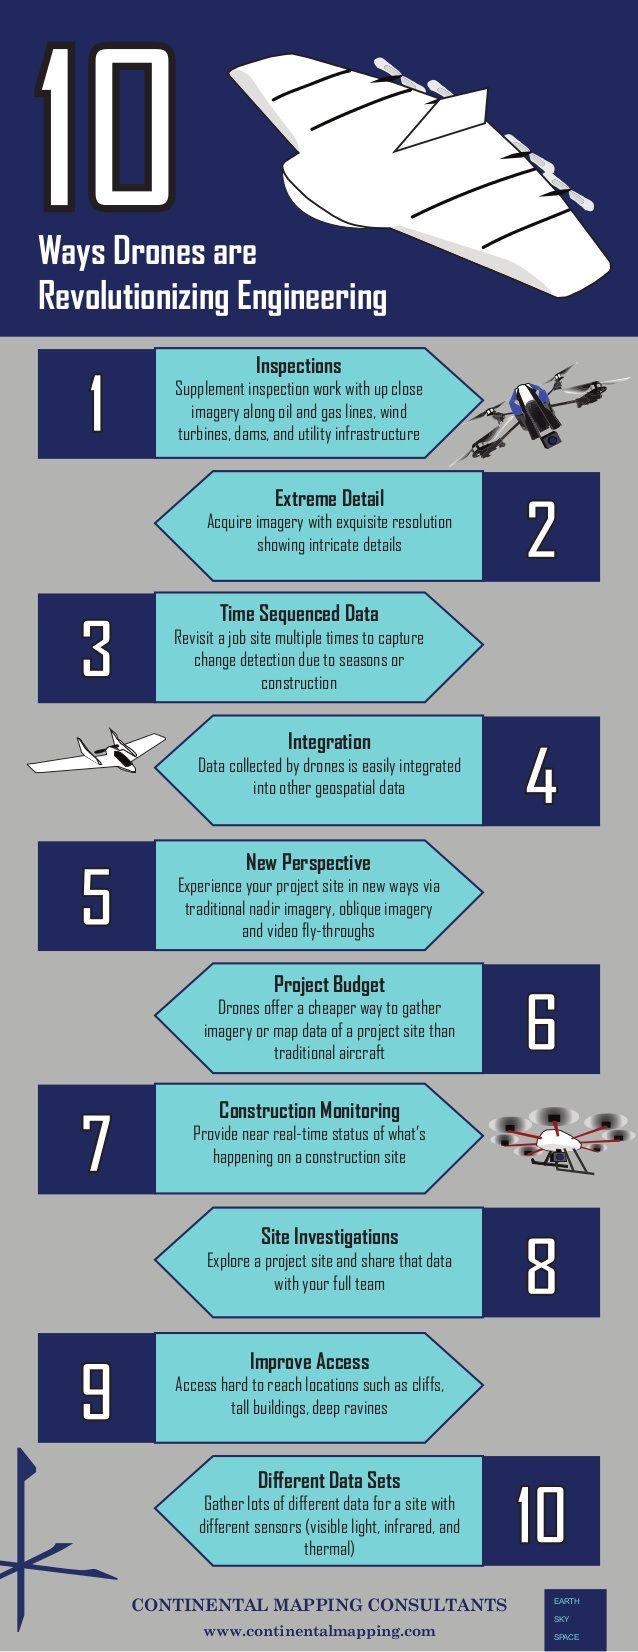 10 razones por las que los drones han revolucionado la ingeniería